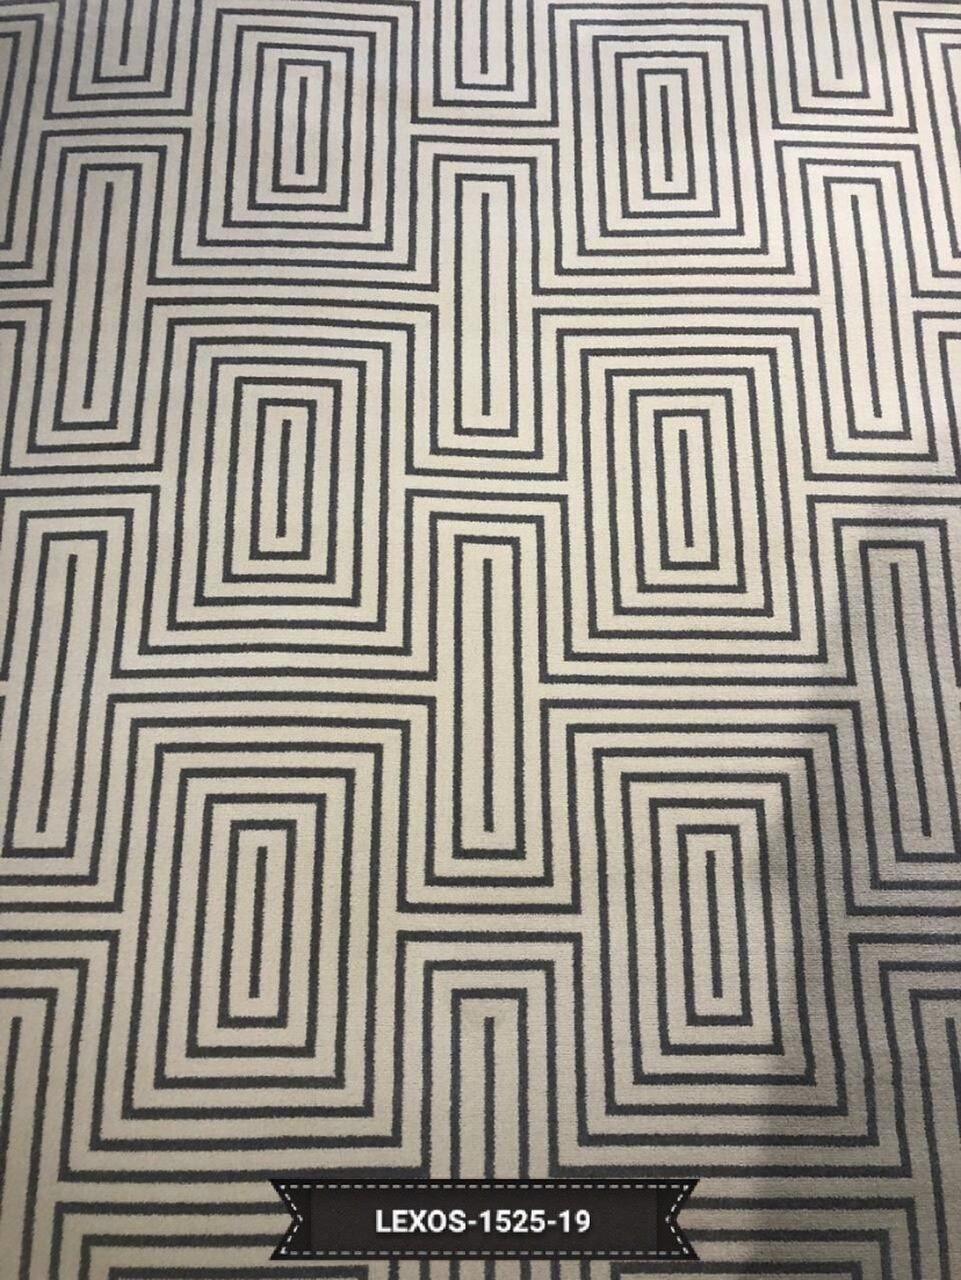 Tapete Lexos ref. 1525-19 - 200 x 250 cm